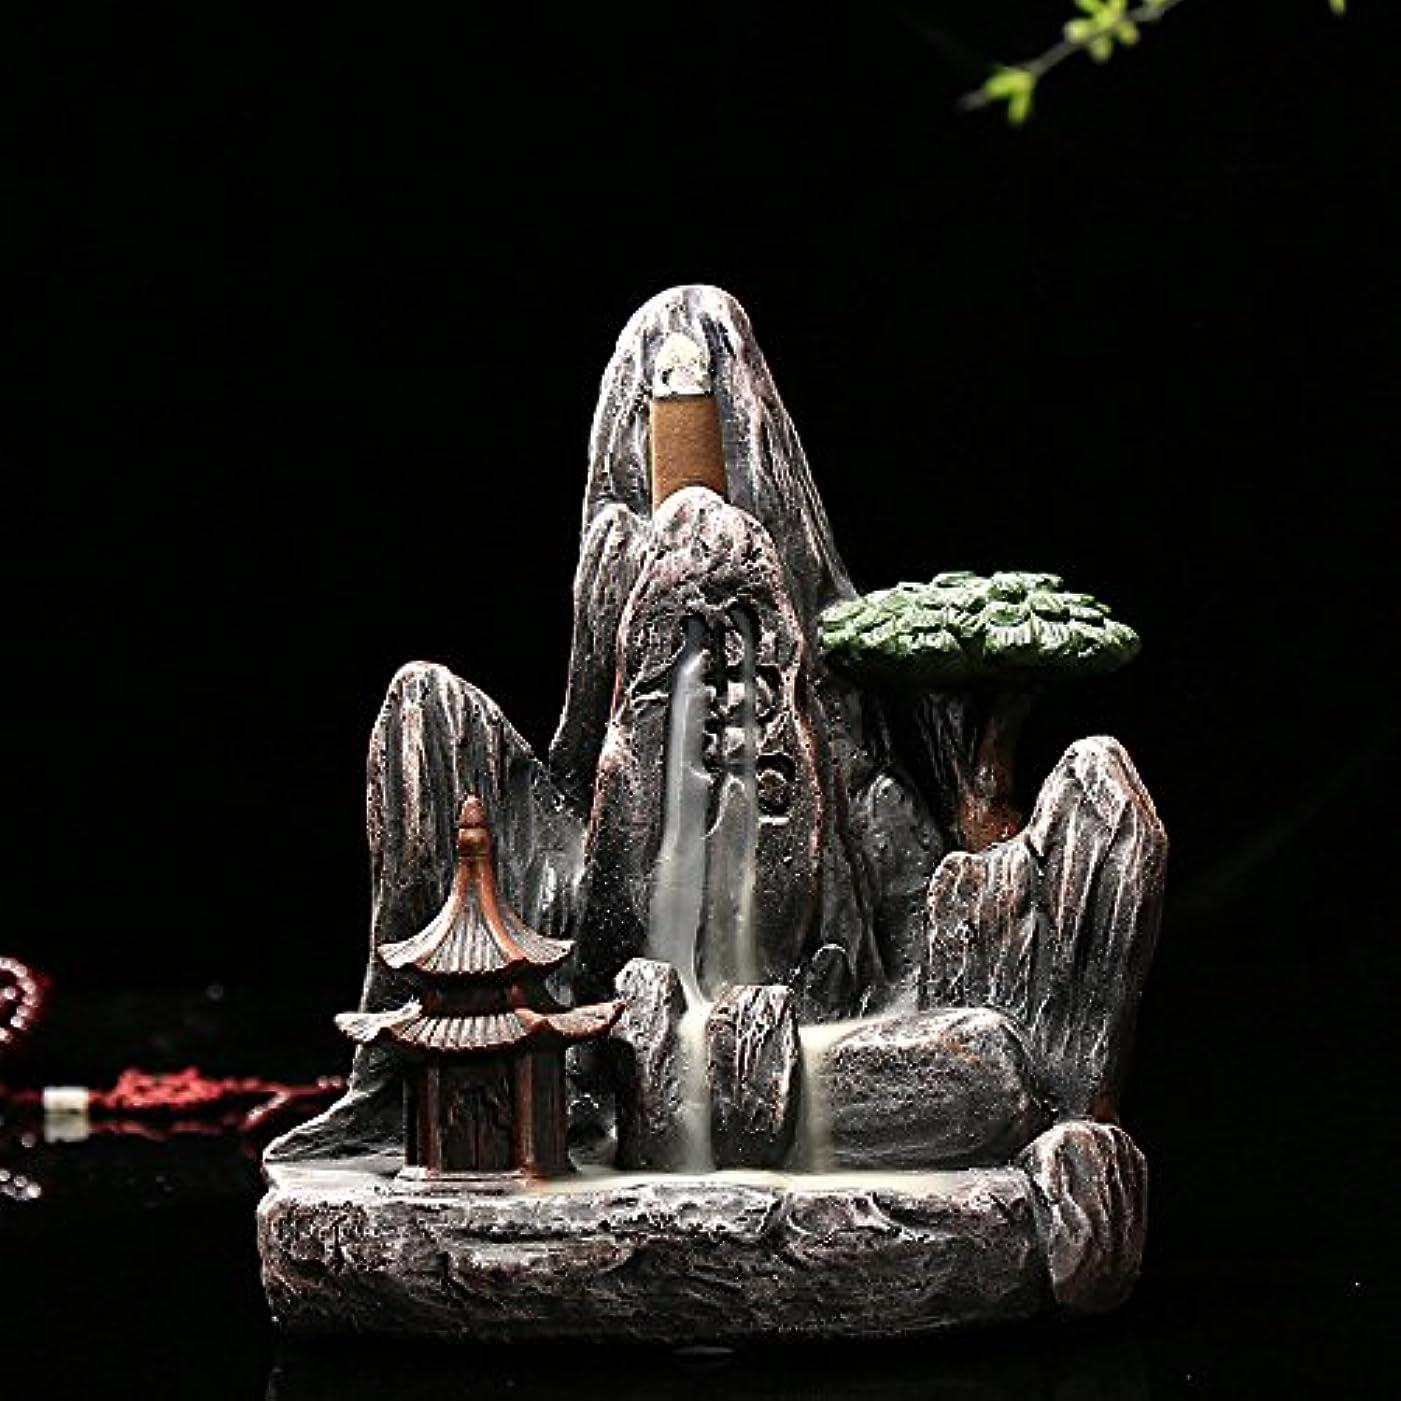 ファンステンレス説明的omonic Zen Garden Mountain Stream Backflow手作り樹脂Incense Holder Burner、アロマセラピー炉Diffuser forホームインテリア